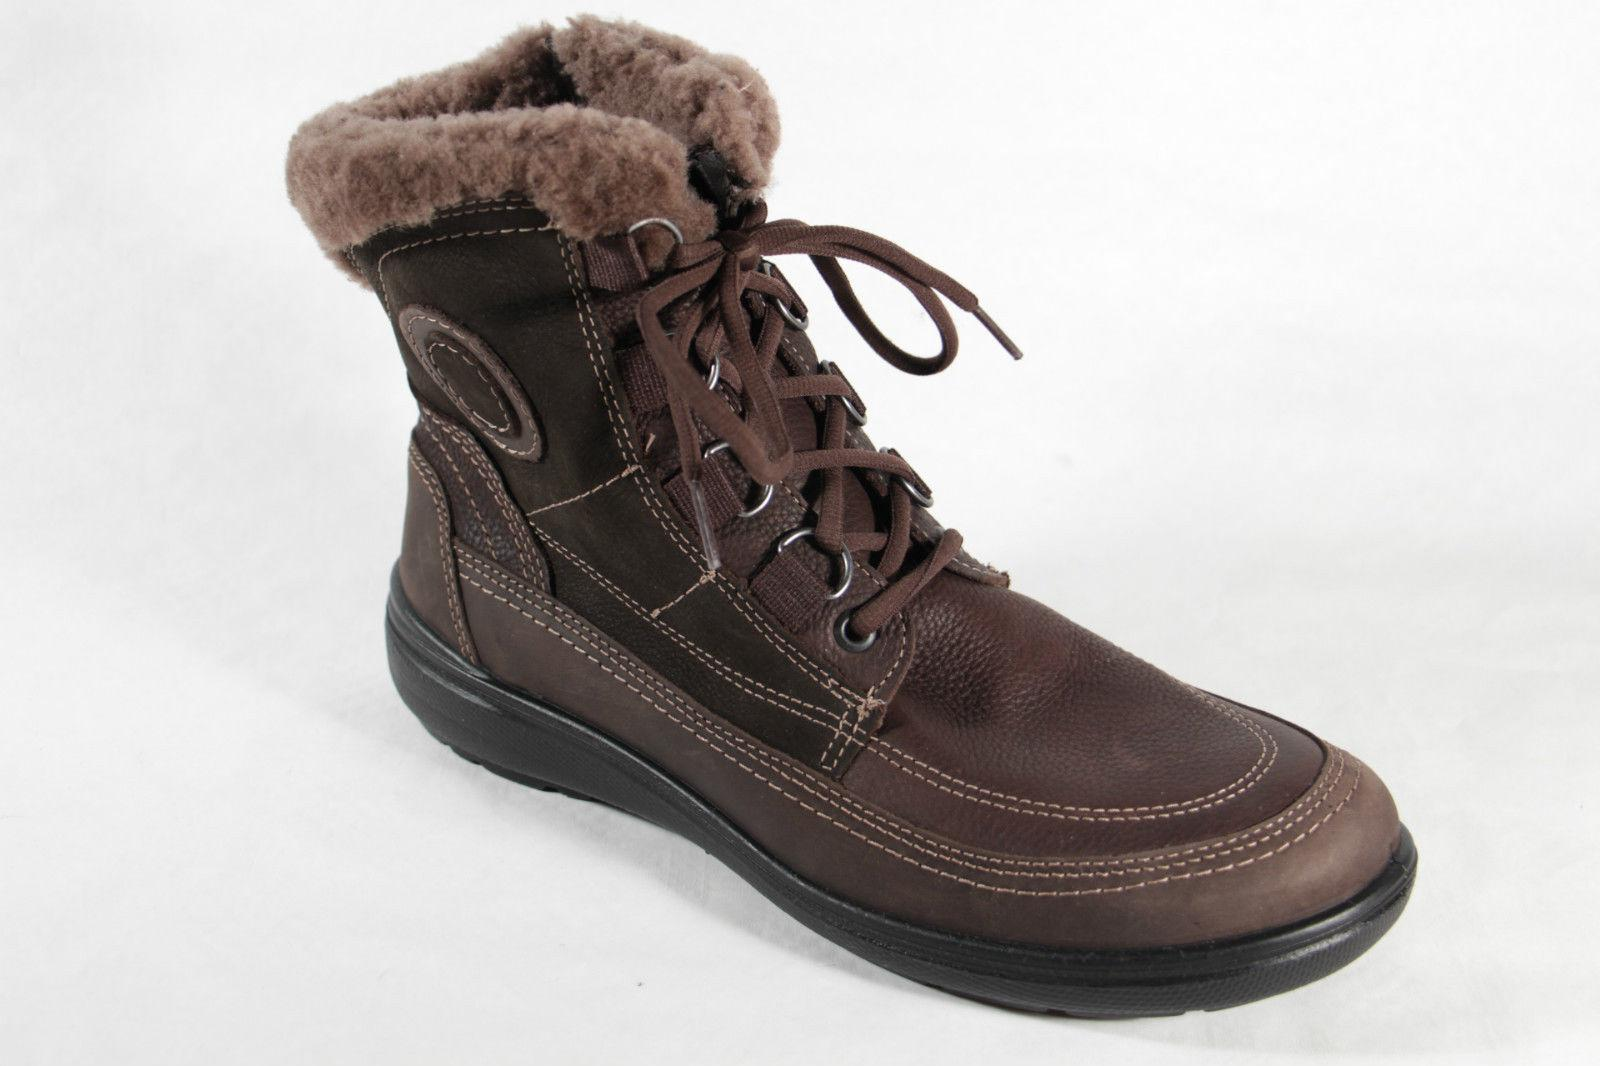 jomos damen stiefel schn rstiefel boots braun mit rv lammfellfutter neu kaufen bei schuh. Black Bedroom Furniture Sets. Home Design Ideas